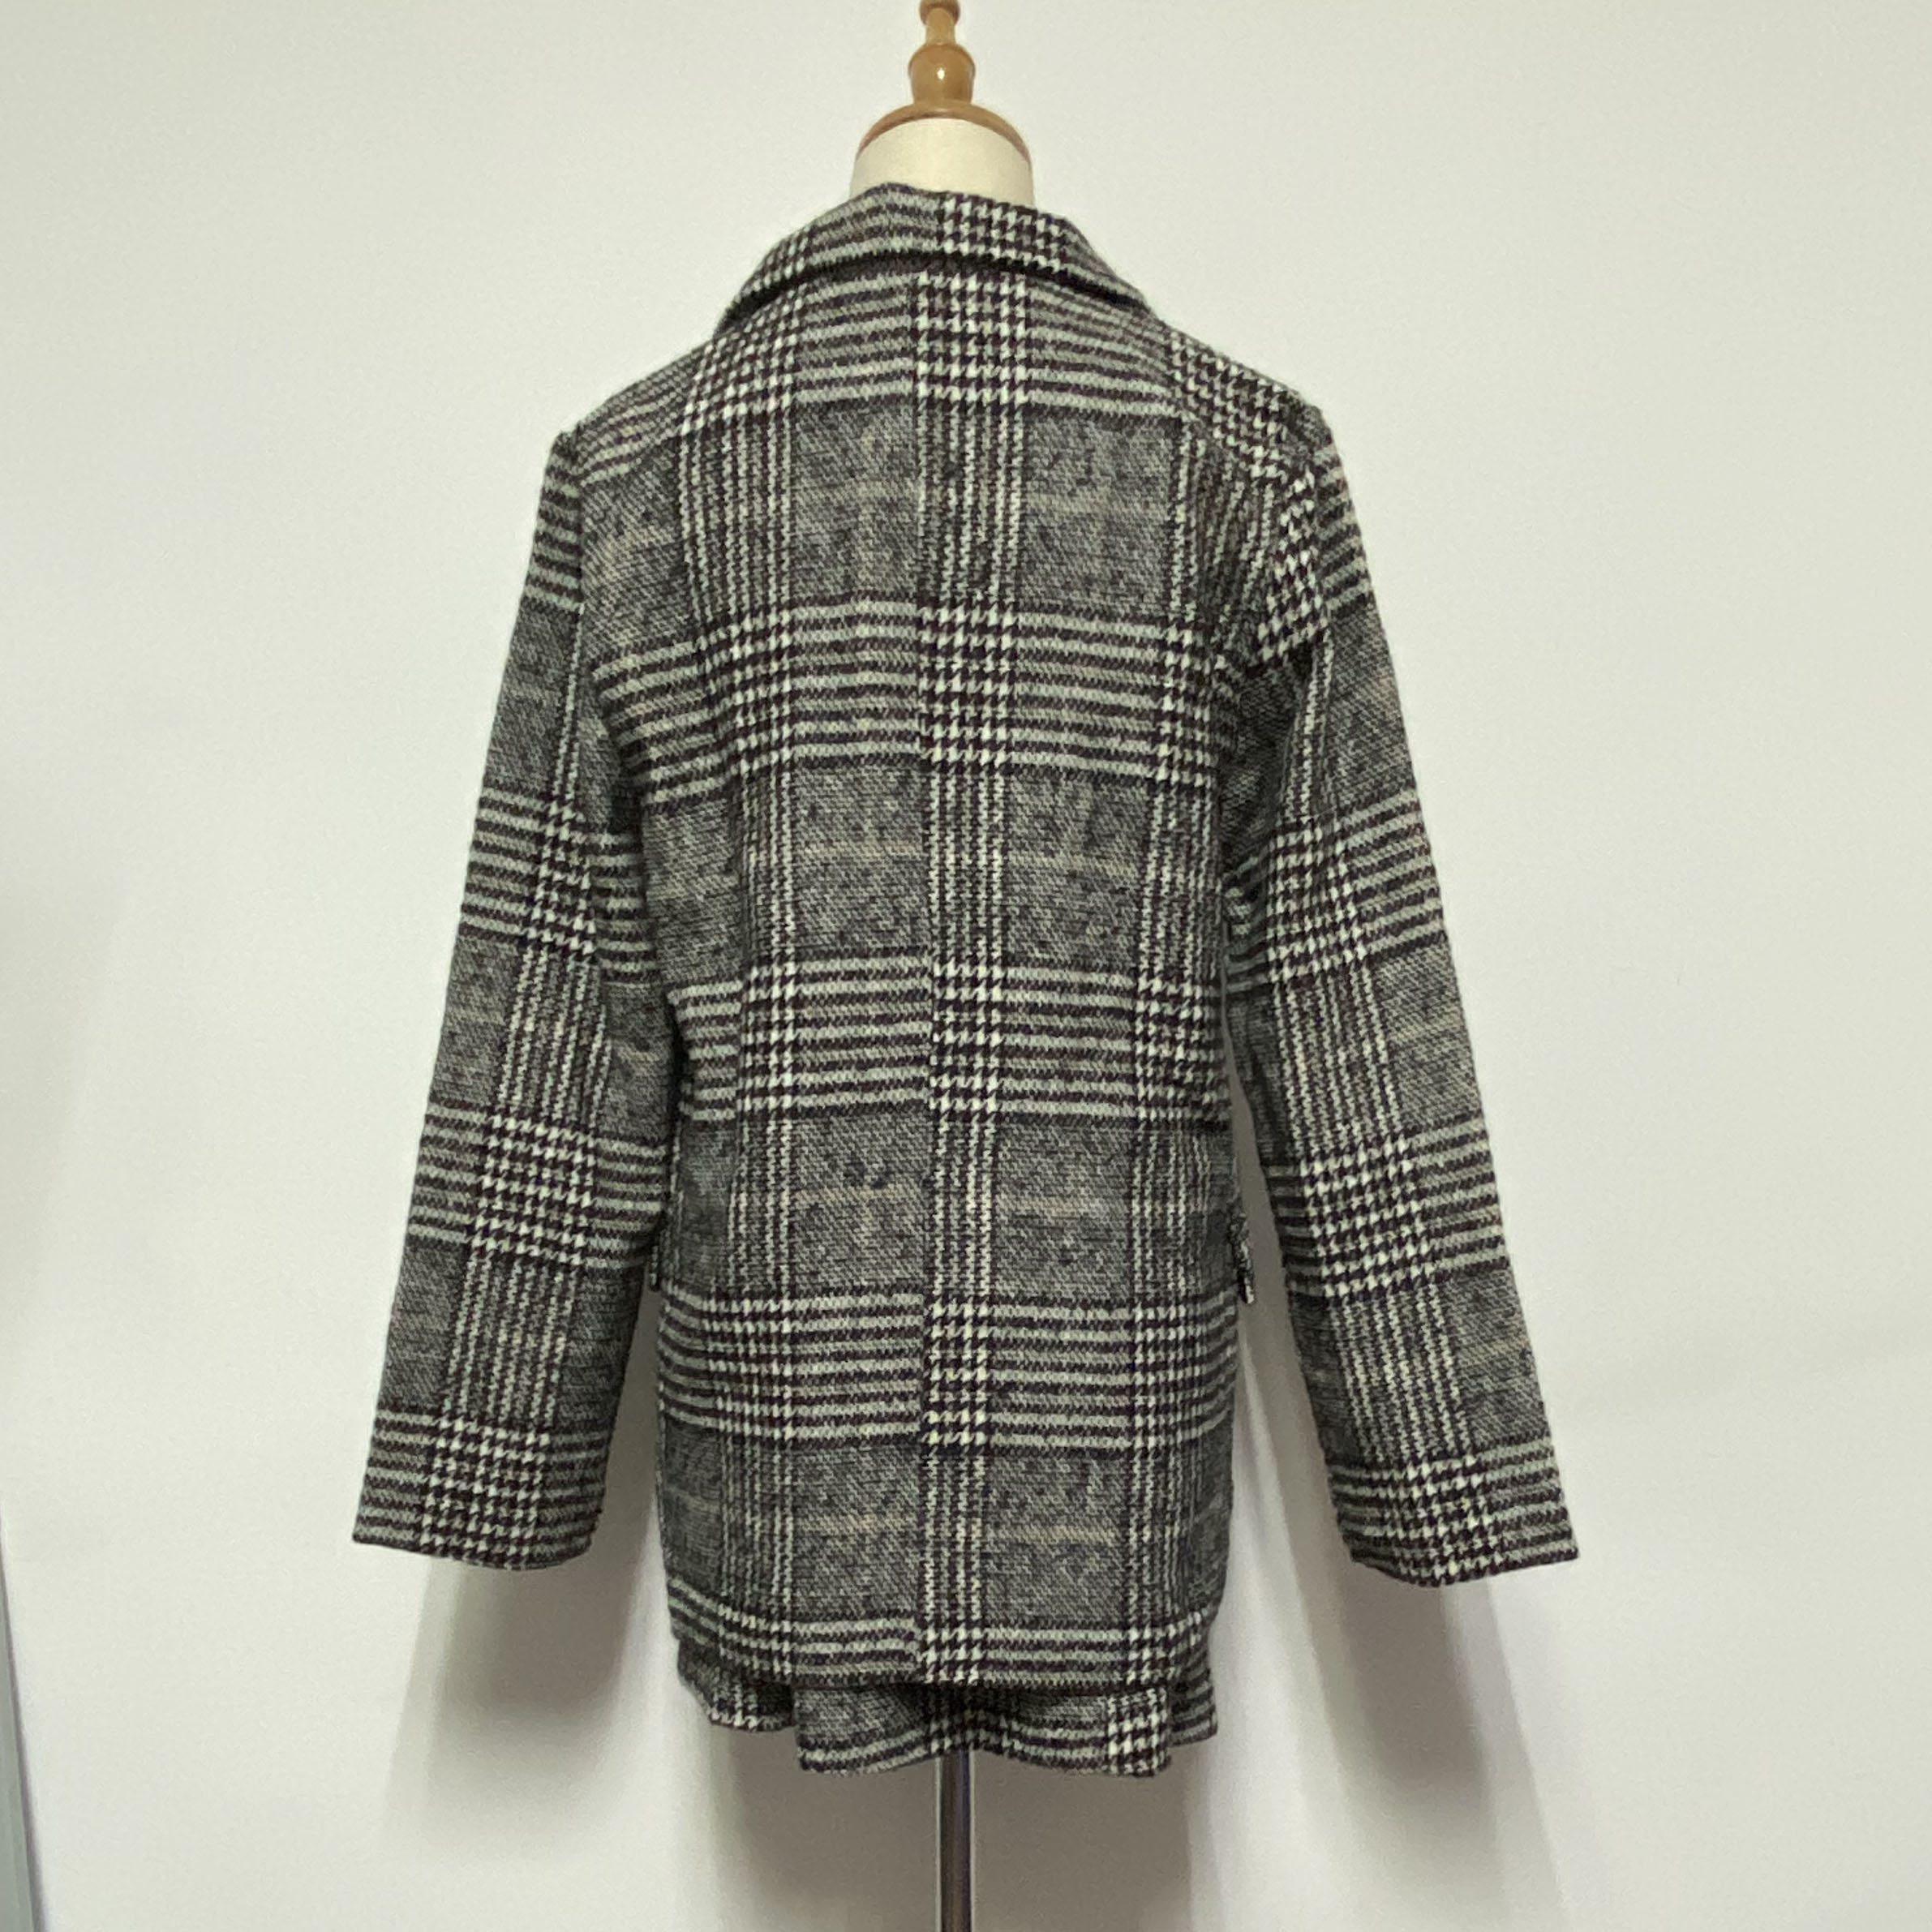 Autumn Women's Costumes Two Piece Set Plaid Blazer Suit Pencil Short Skirt Sets Fashion Oversize Jacket Female Outwear Clothes